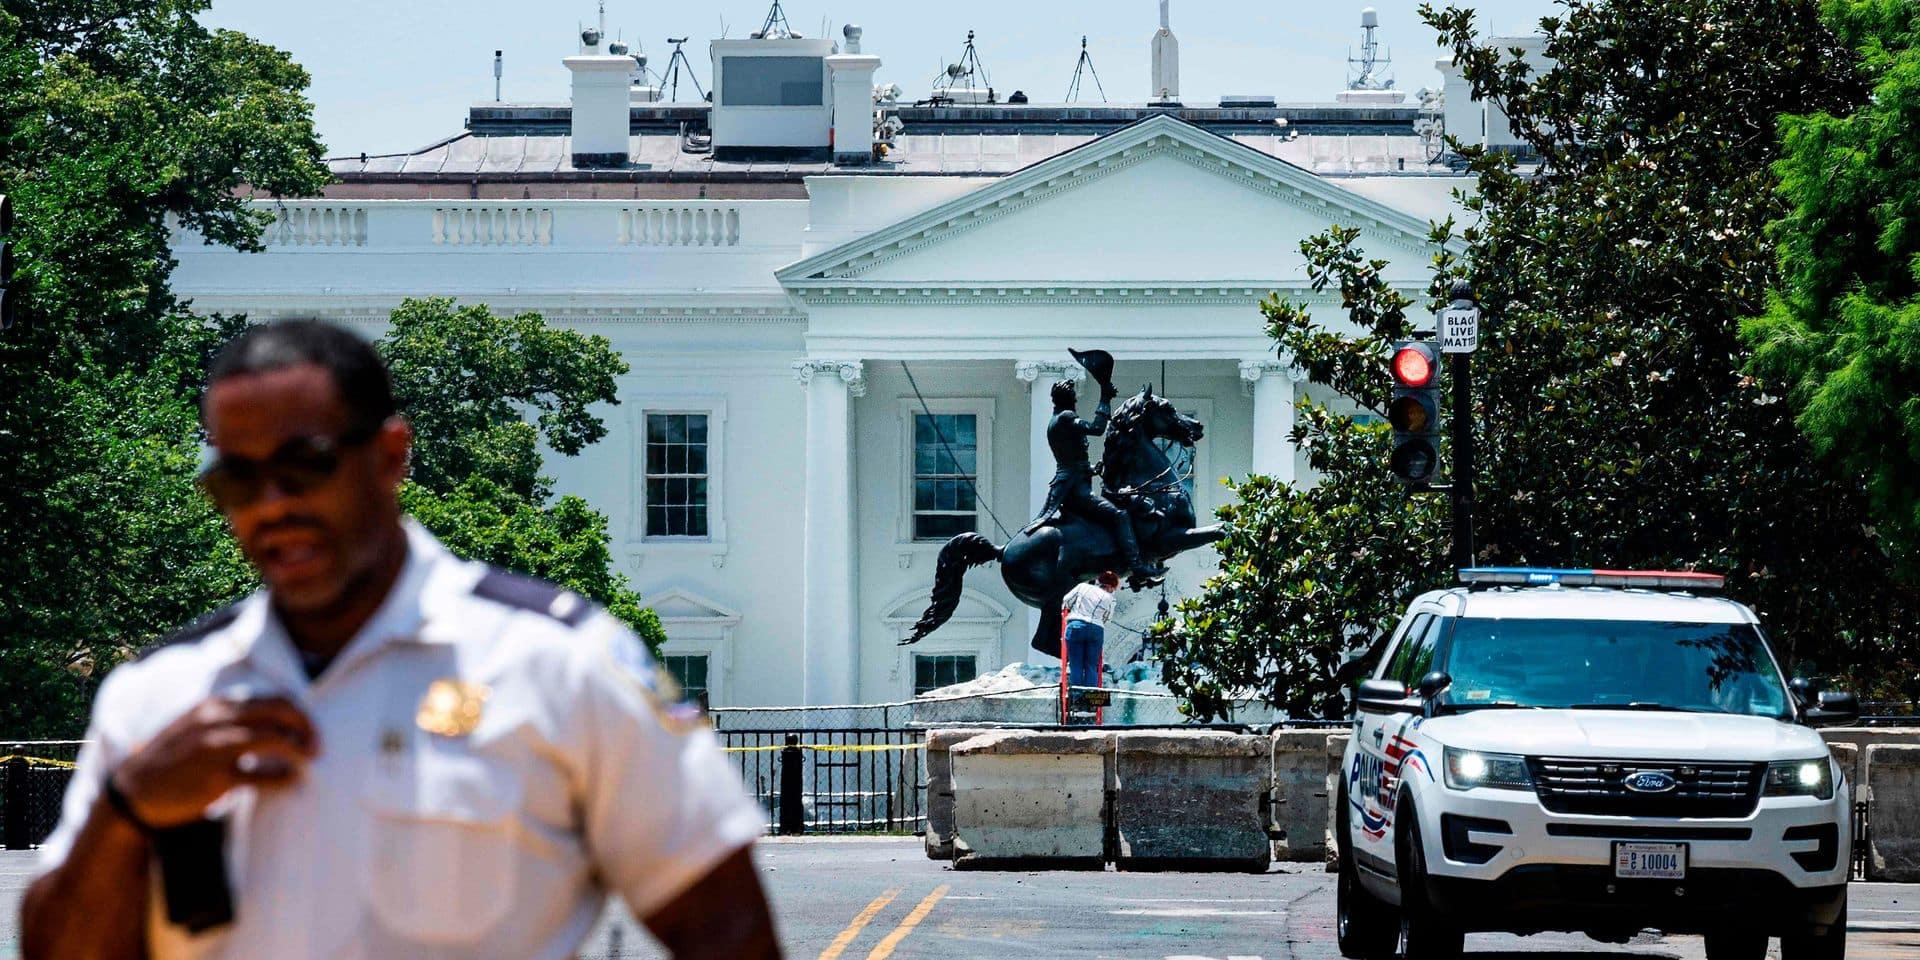 Quatre hommes inculpés pour avoir tenté de déboulonner une statue face à la Maison Blanche